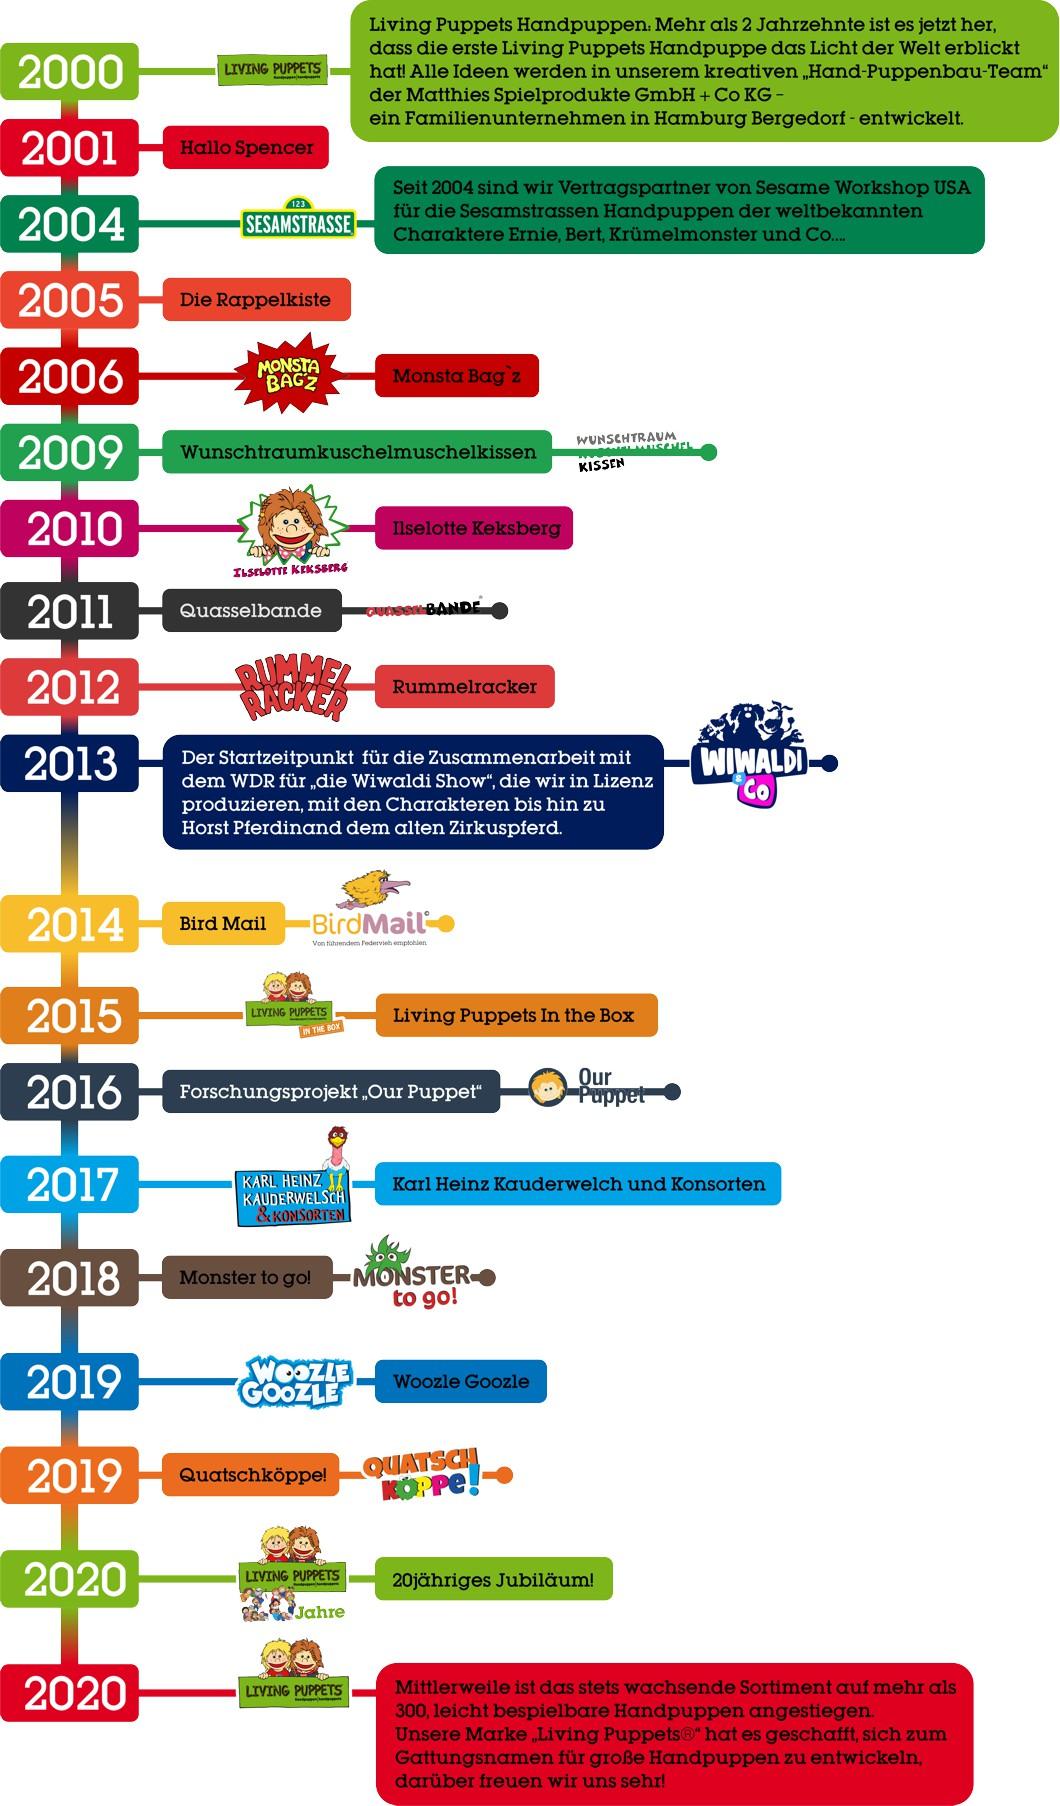 lp_timeline_2020_de